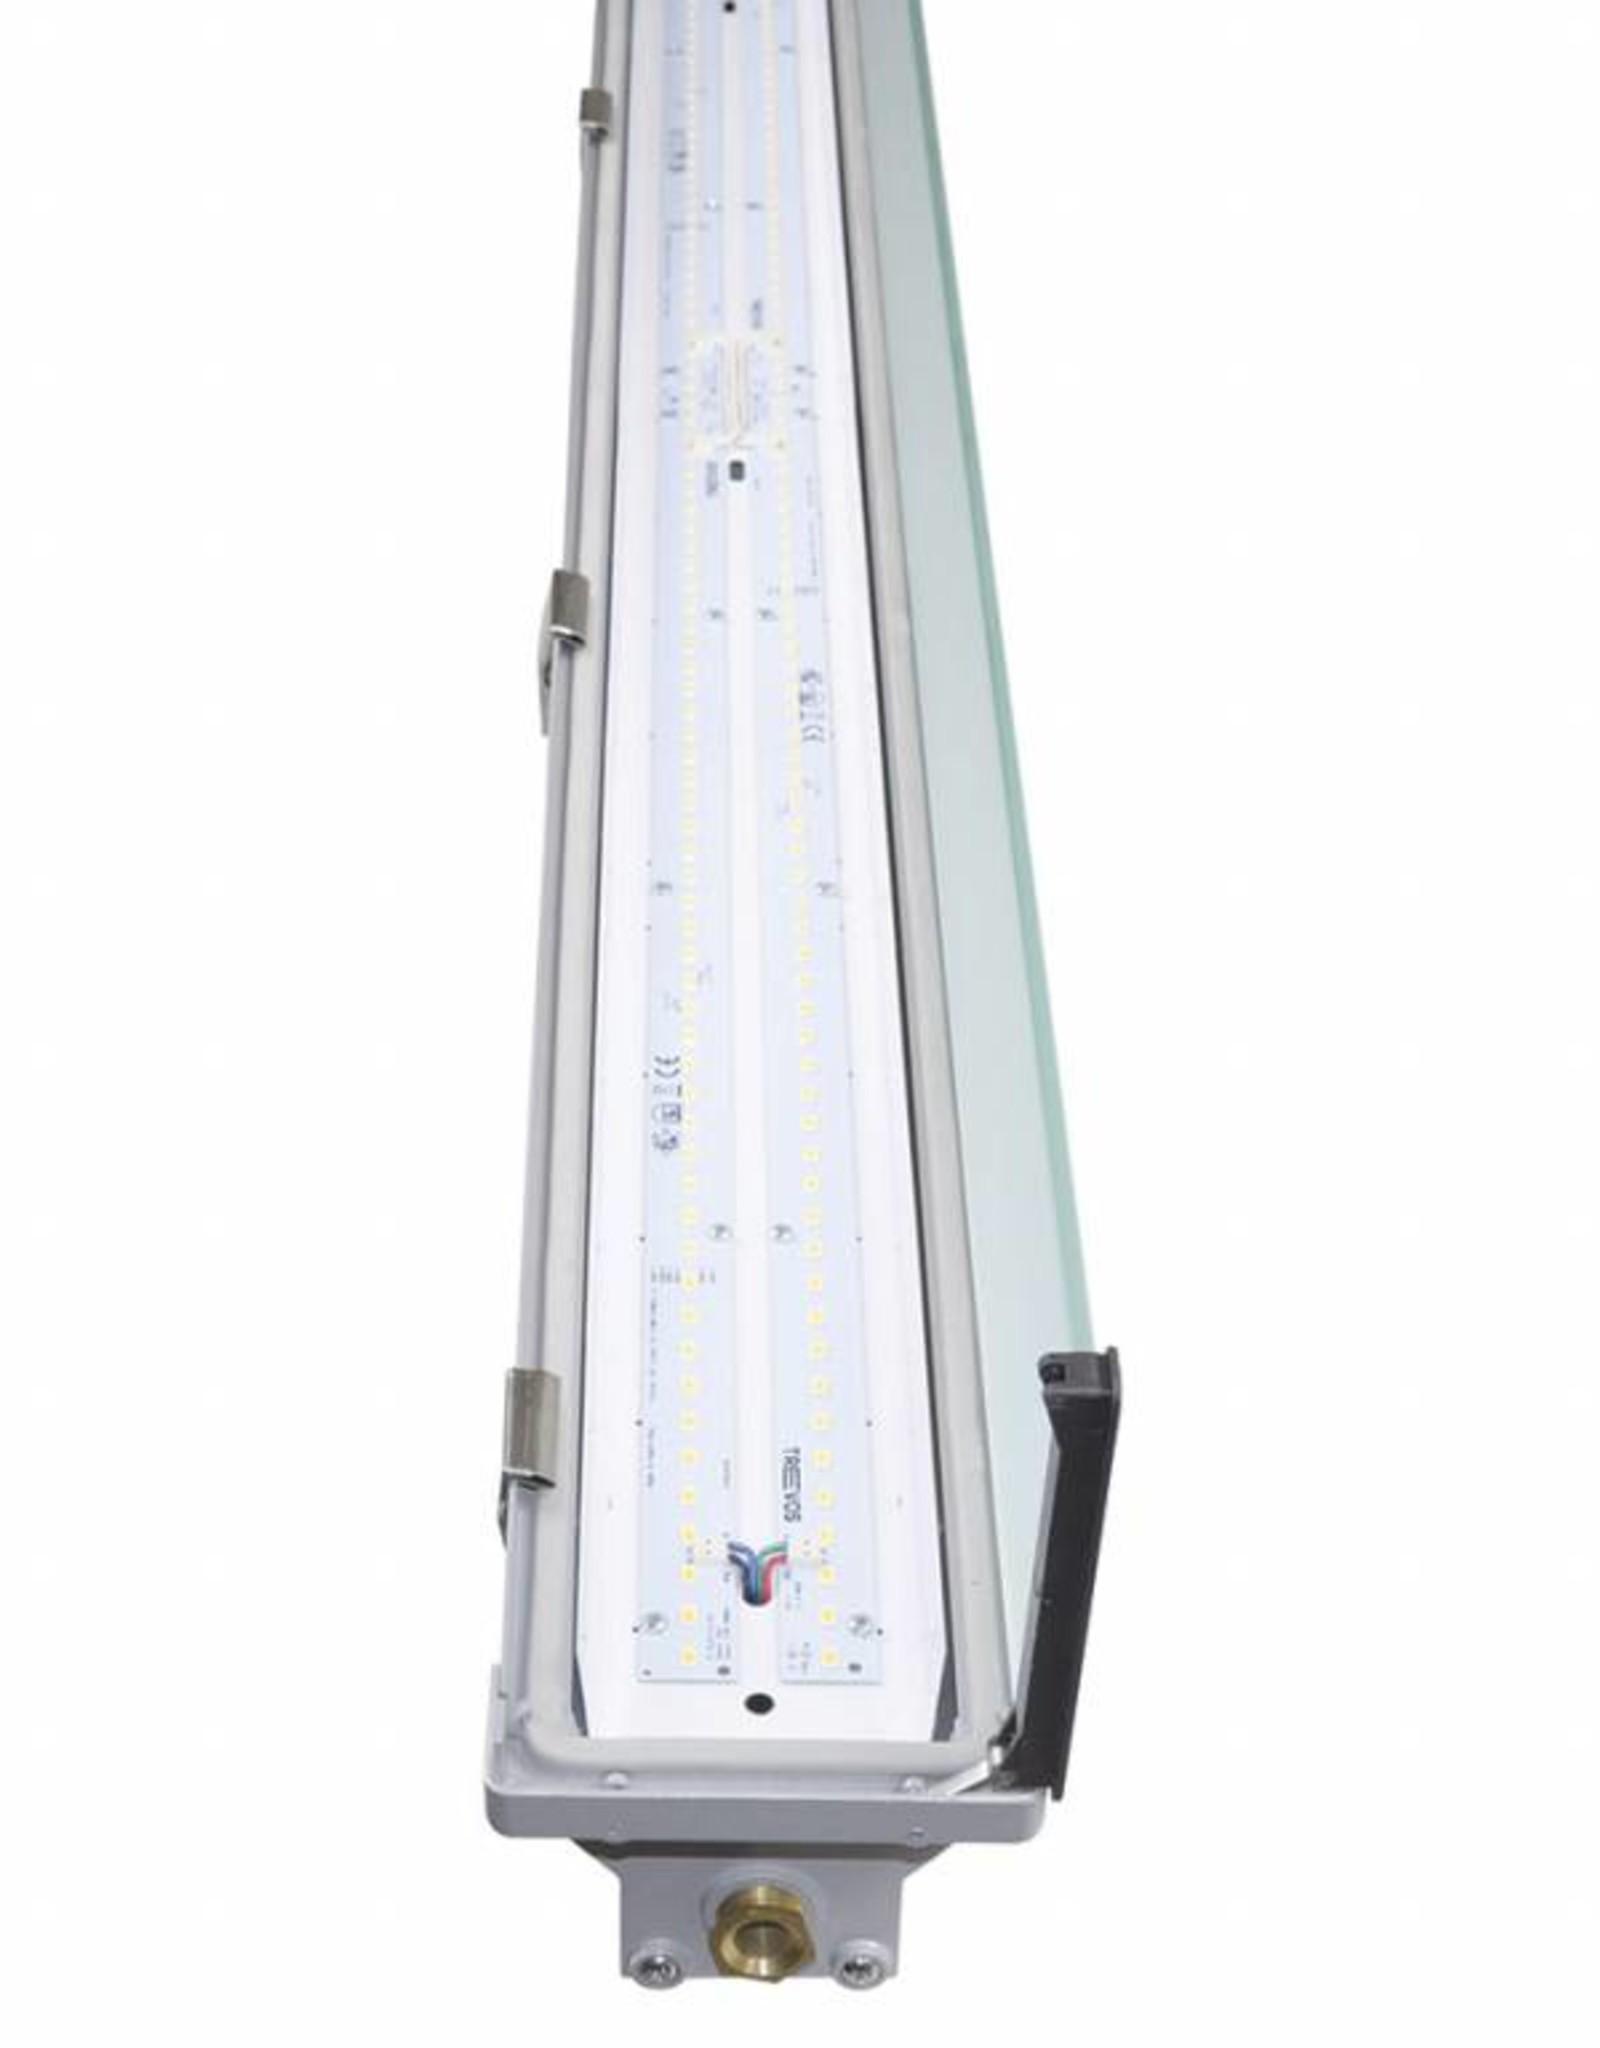 ALUMAX LED 1.4 Ft 3200/840